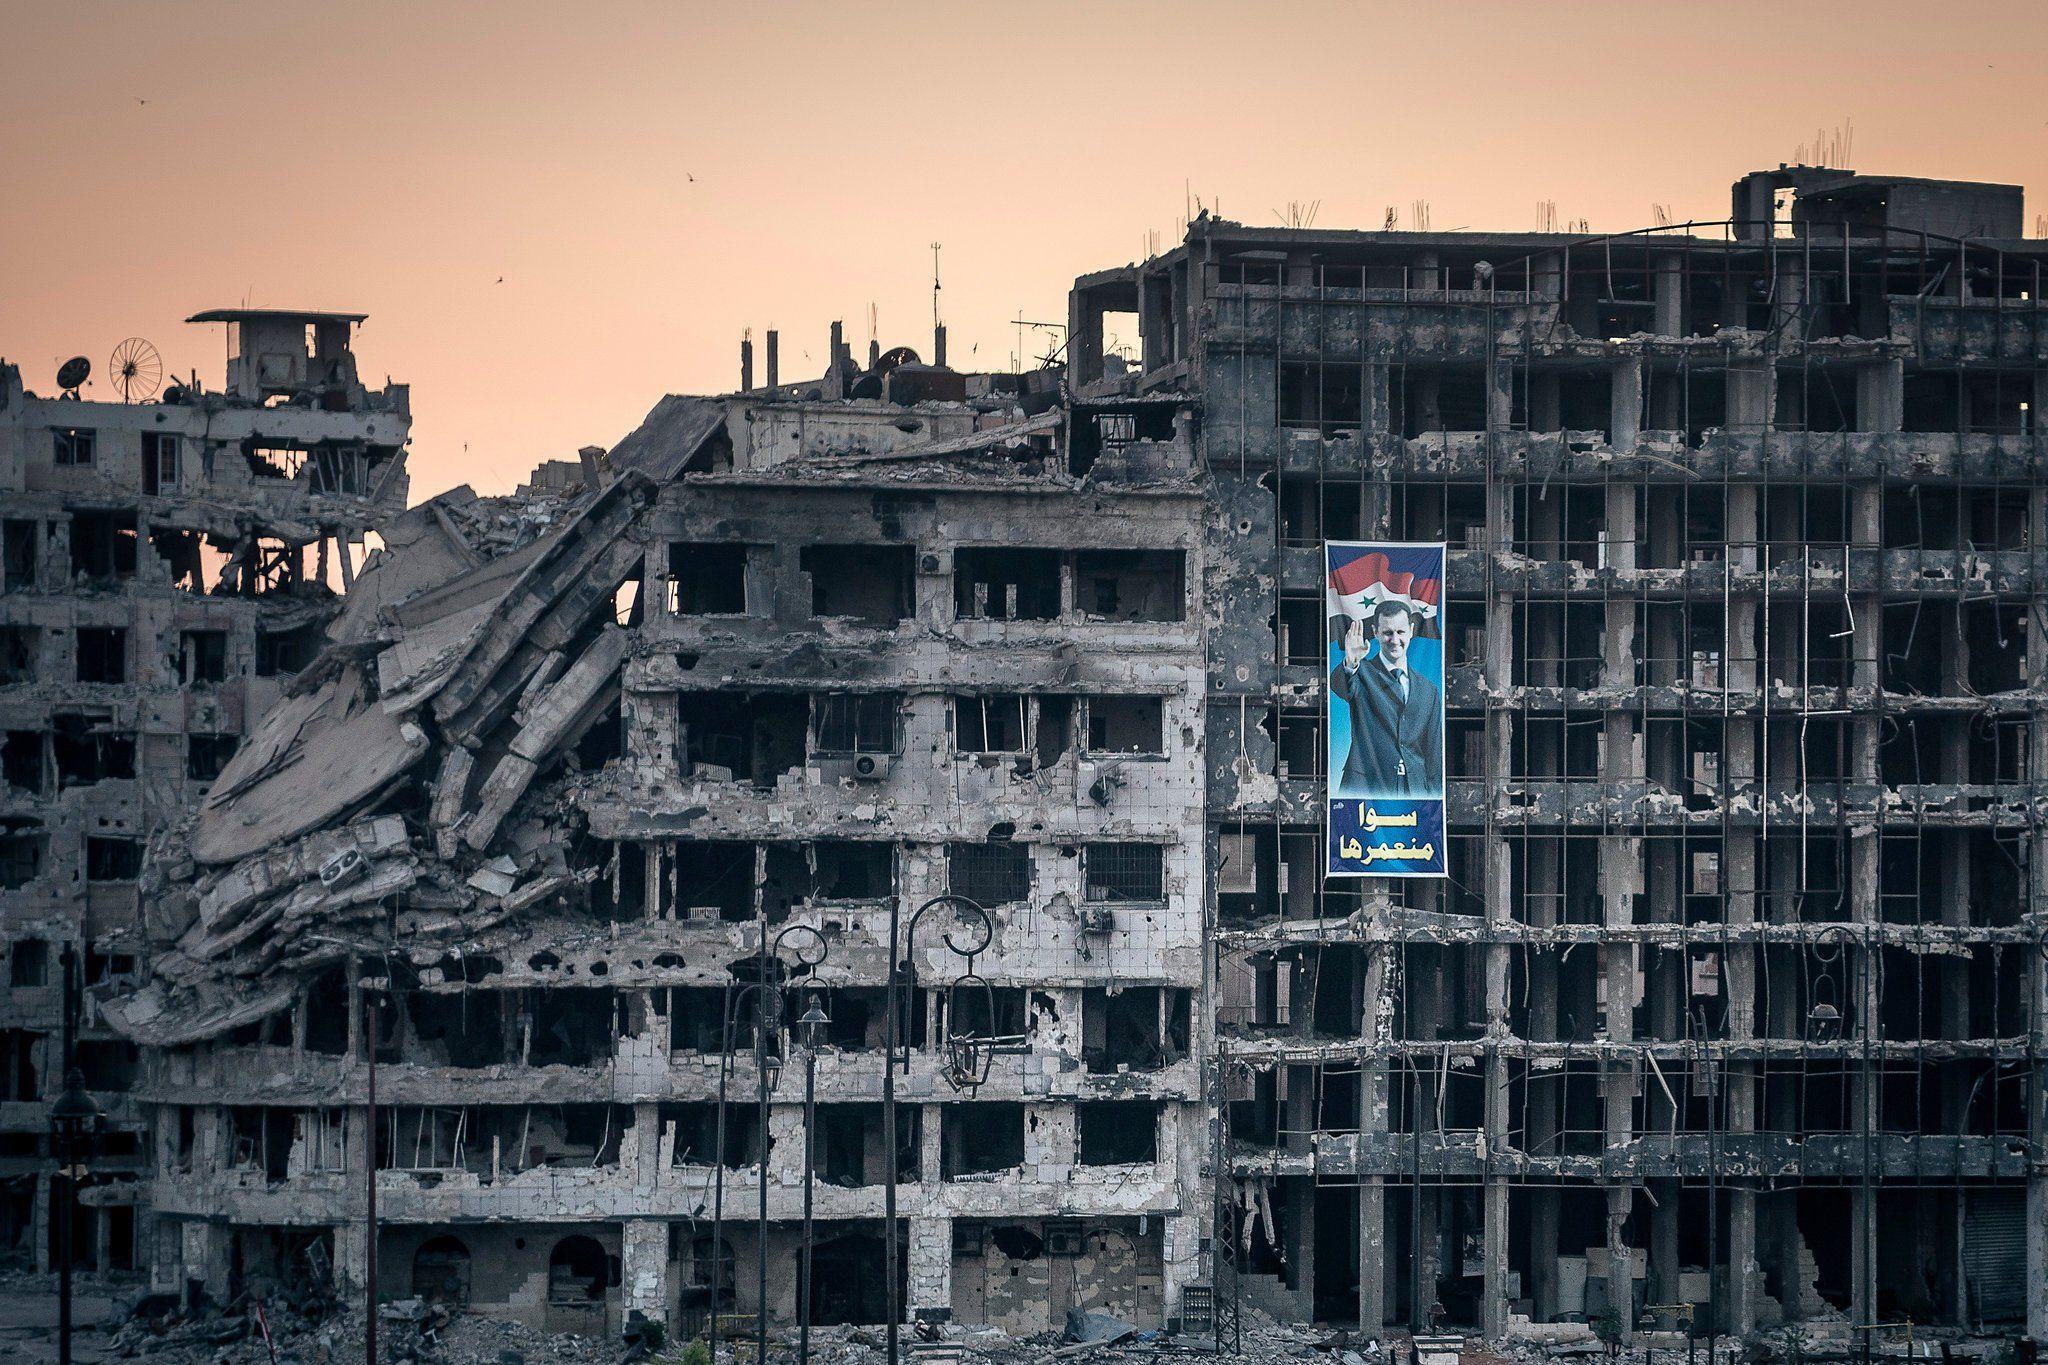 Разрушенное здание большое фото